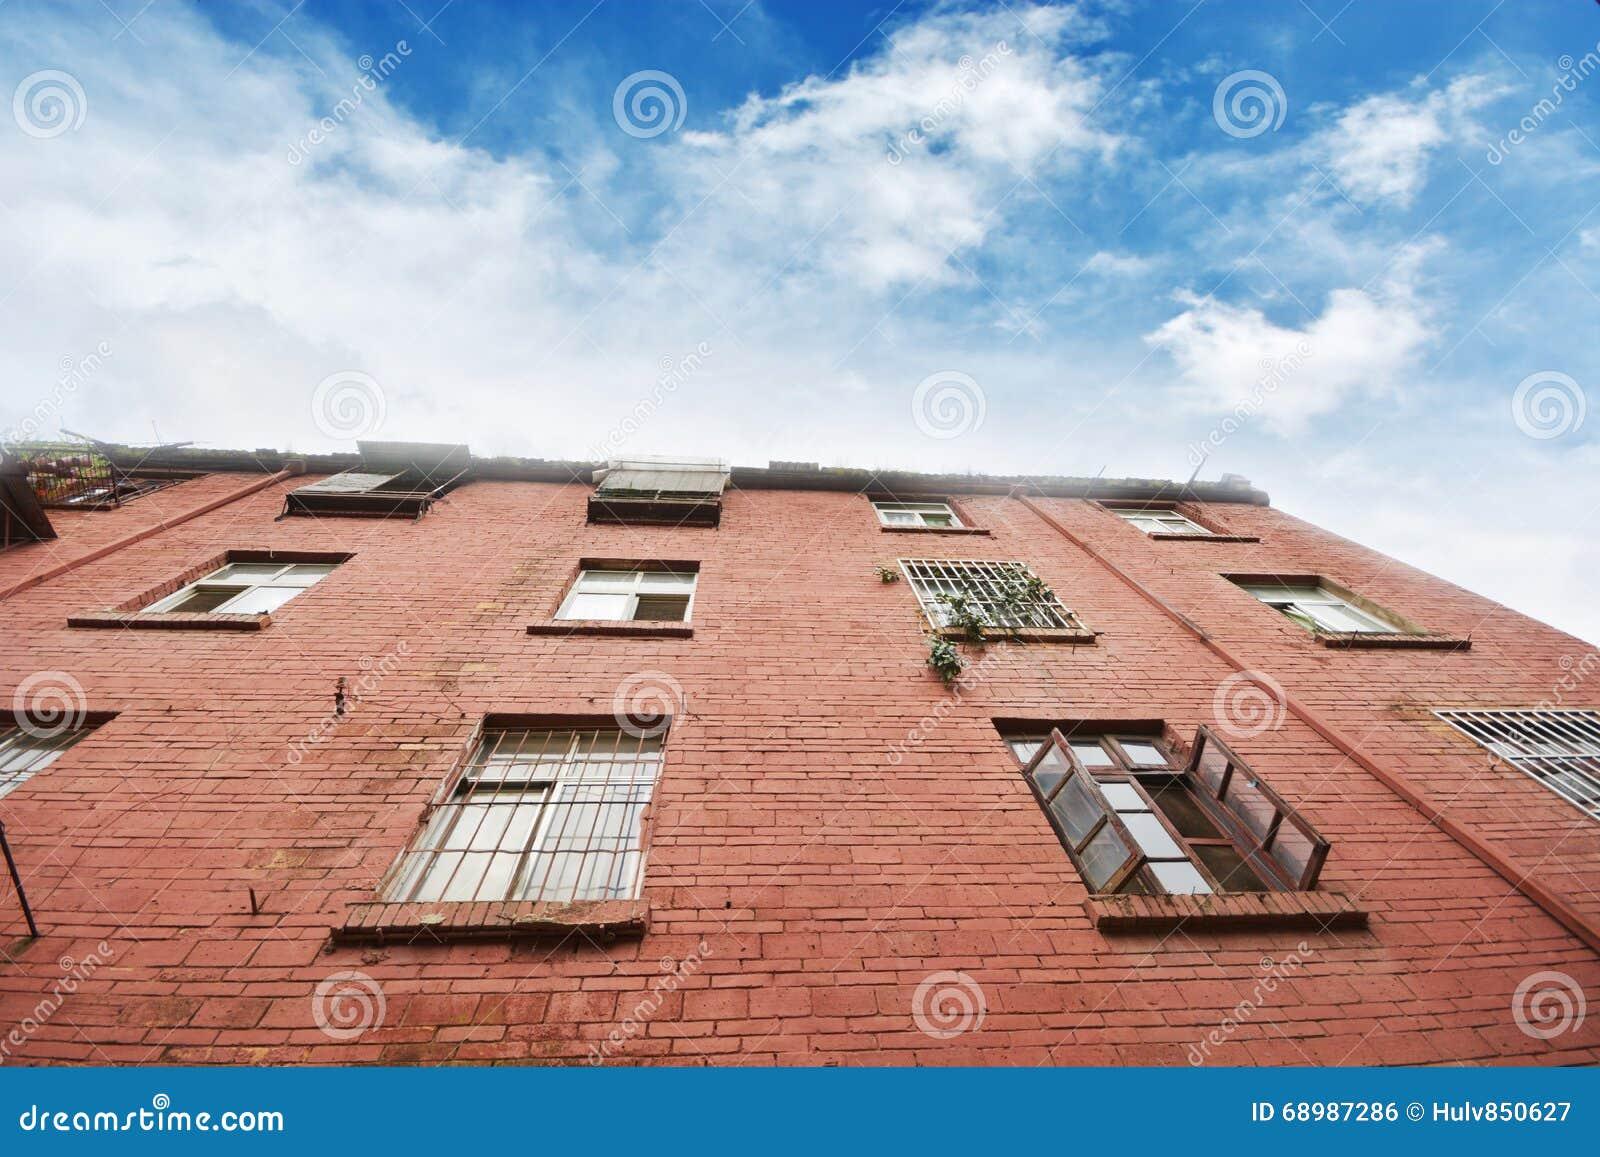 Gamla lägenheter med en blå himmel